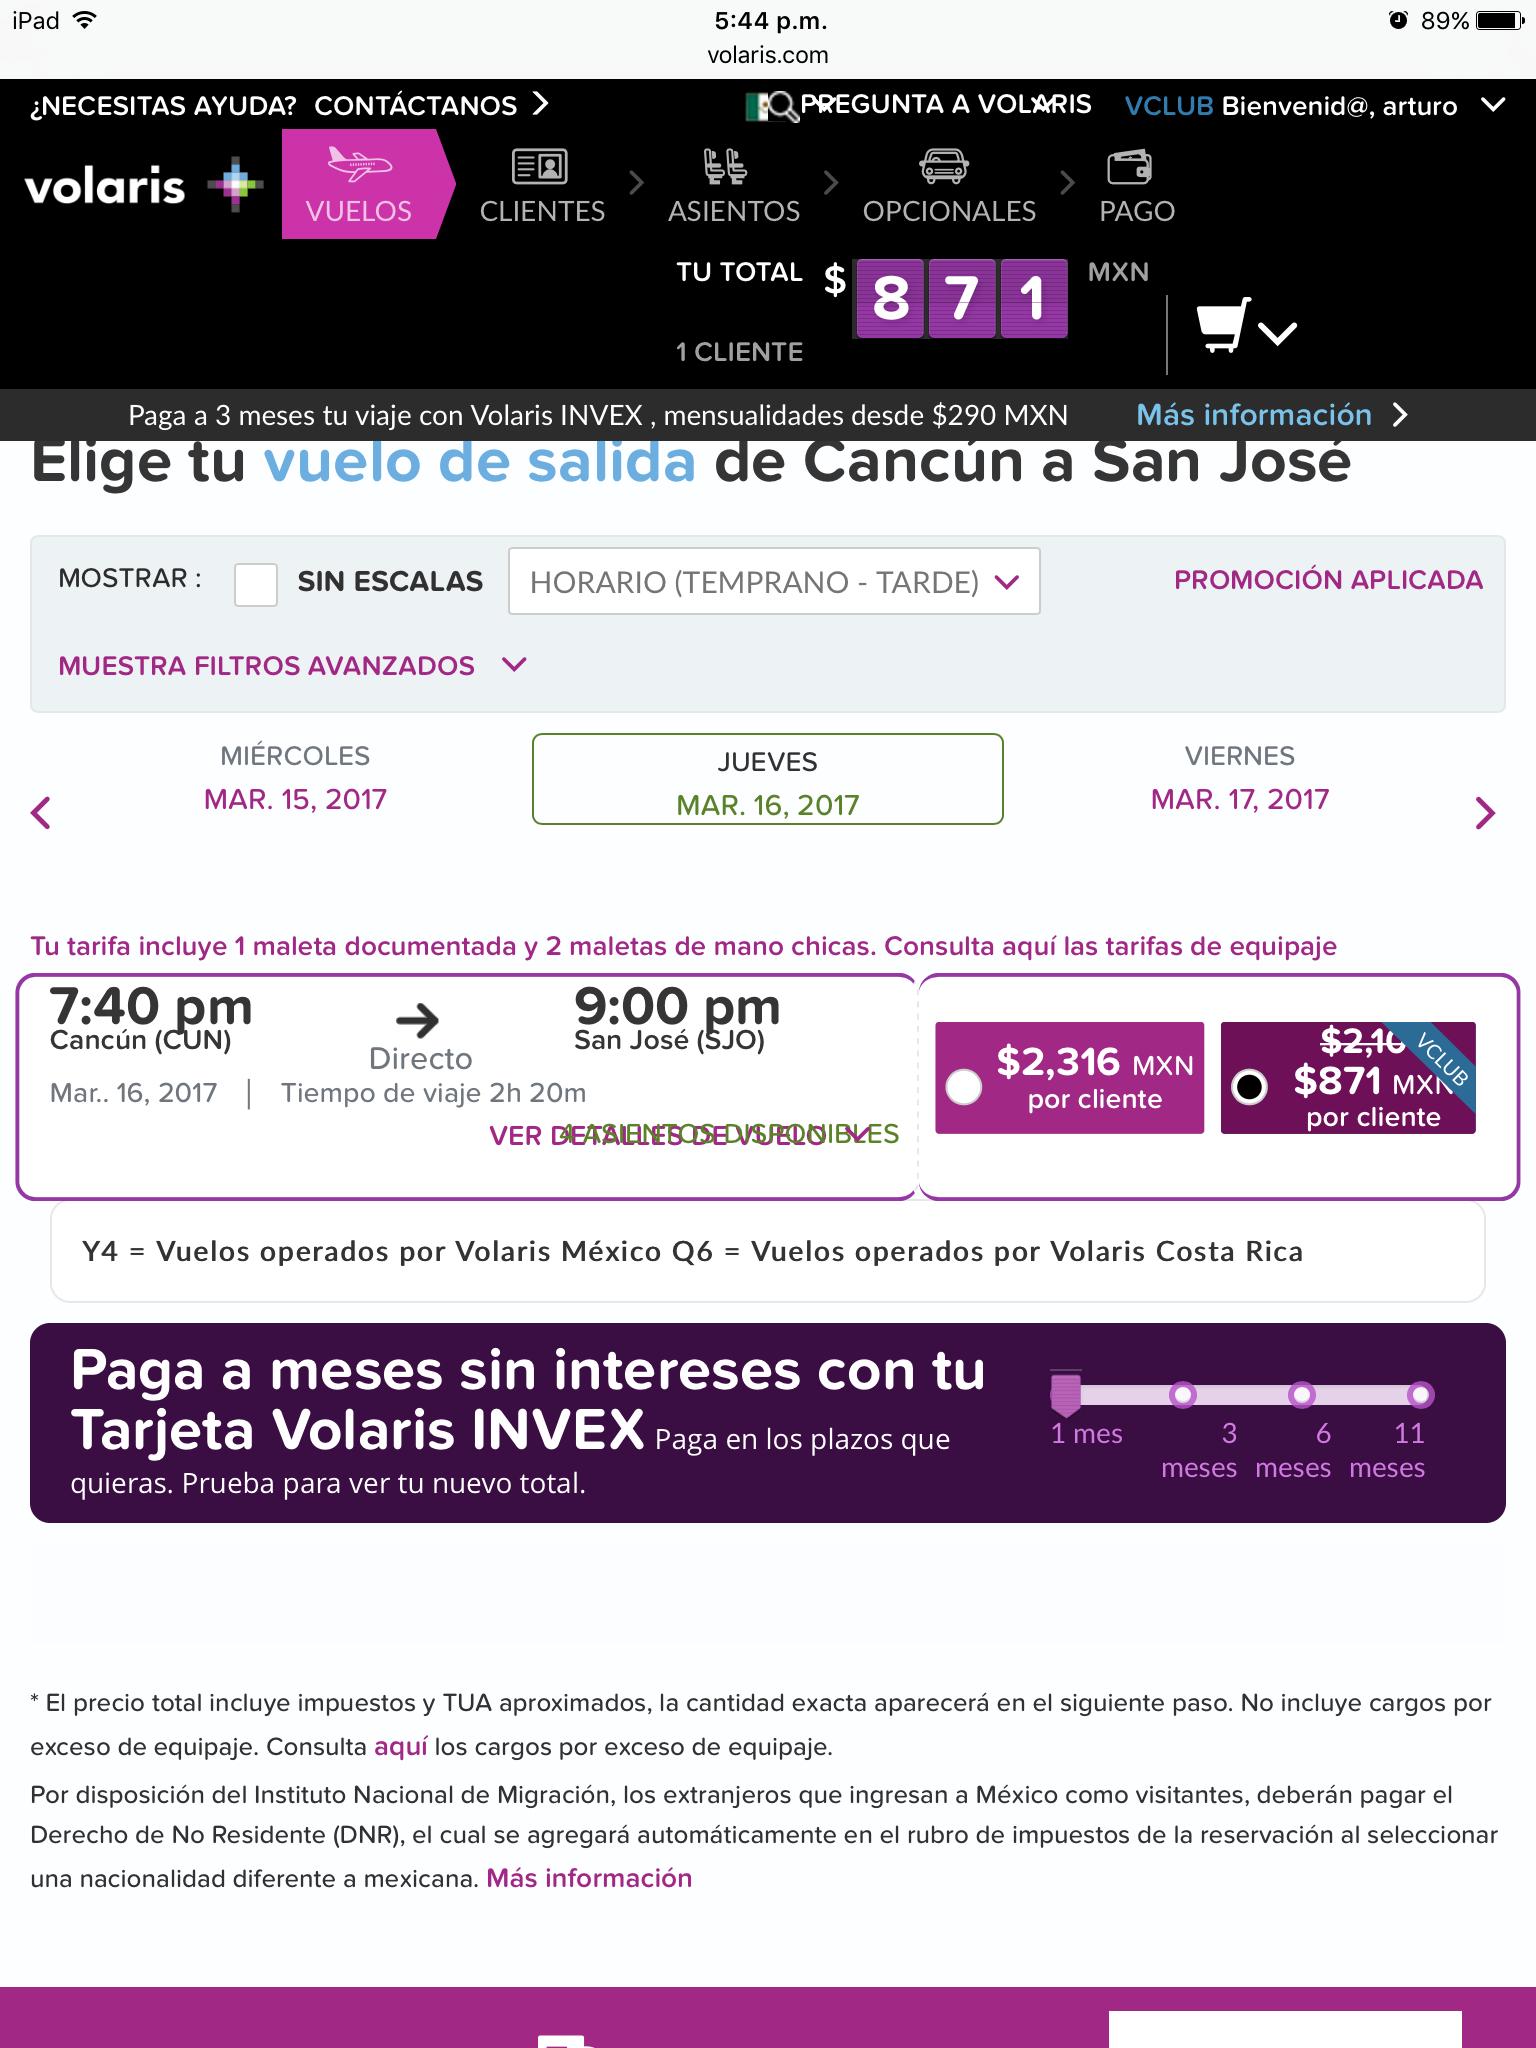 Volaris: vuelo sencillo Cancún-San José,CR